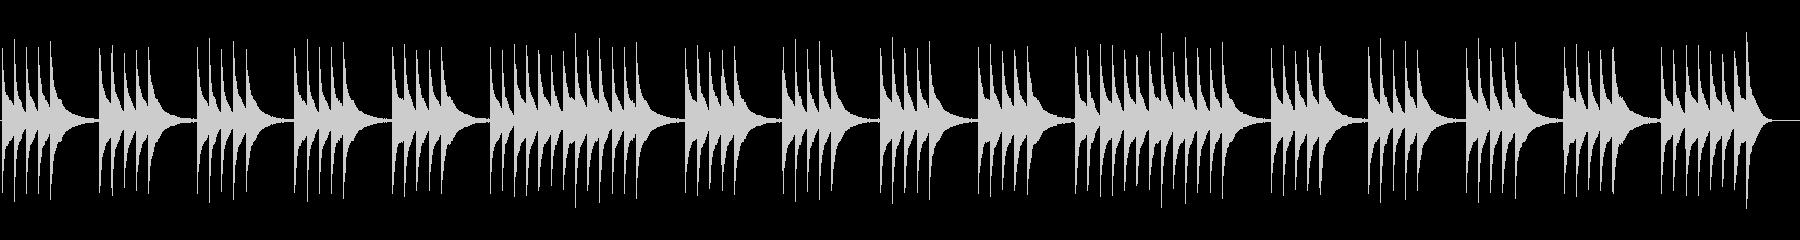 切なく儚いハープのアルペジオ 悲しみの音の未再生の波形